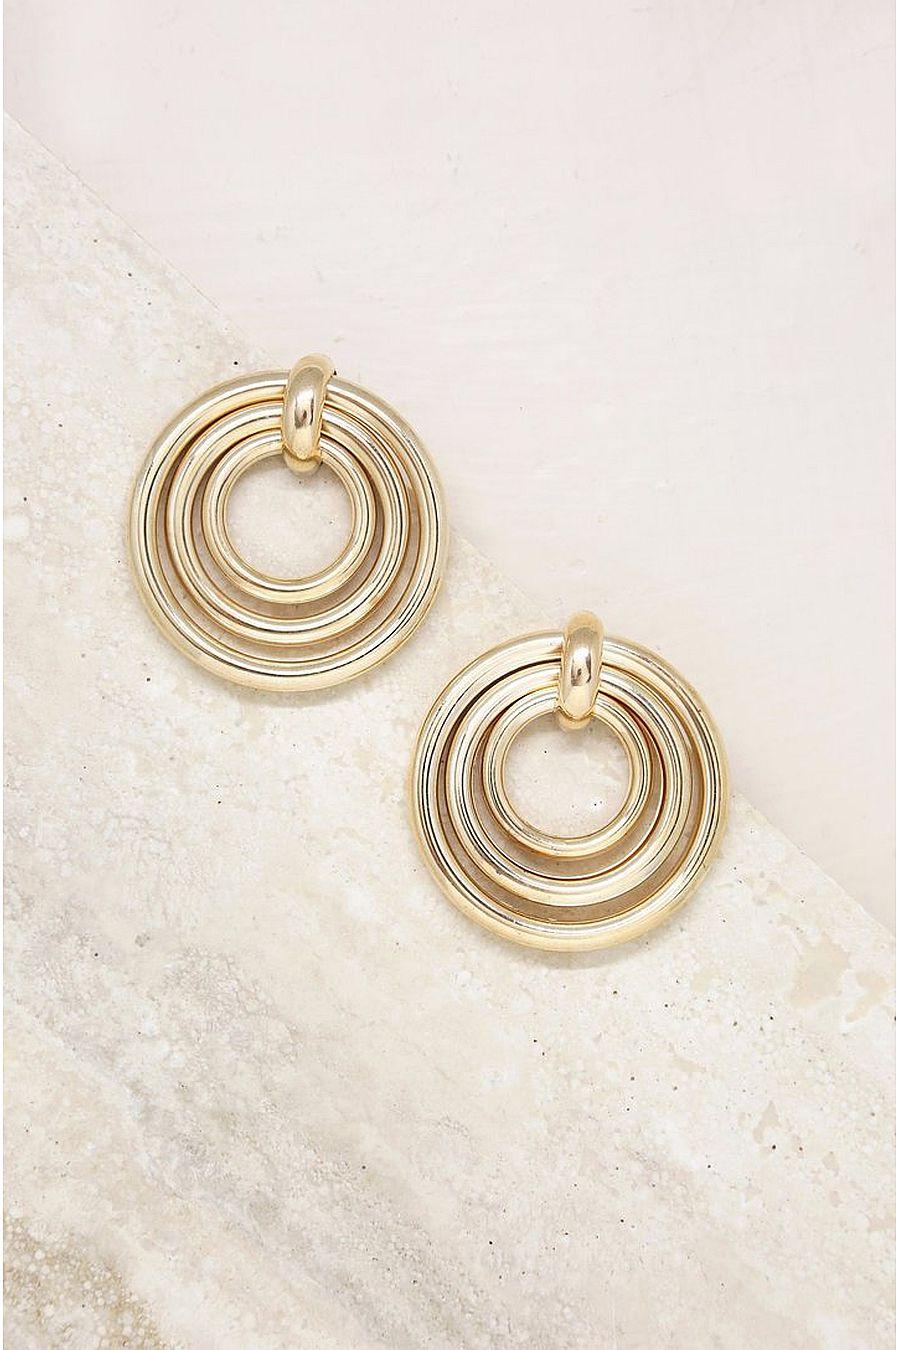 Ettika Layered Multi-Ring Earrings in Gold